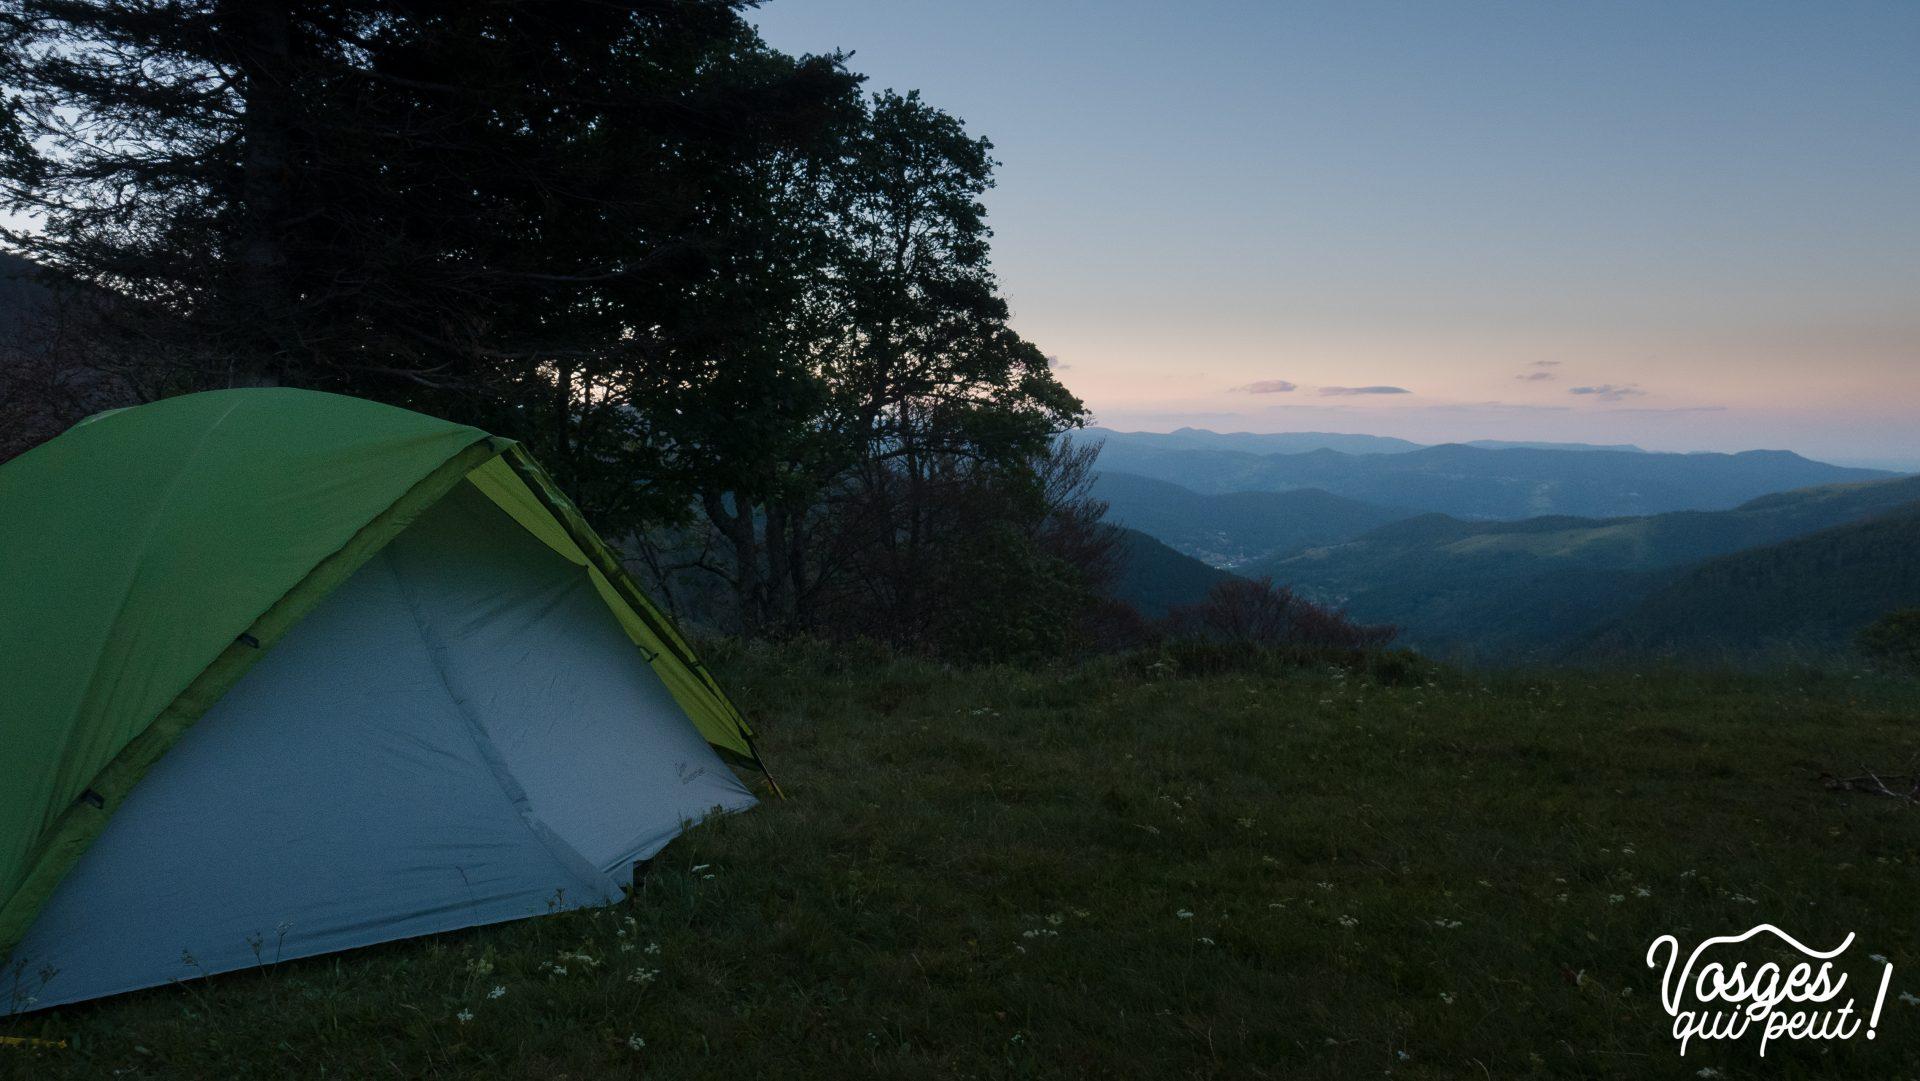 Une tente plantée au col d'Oberlauchen dans le massif des Vosges